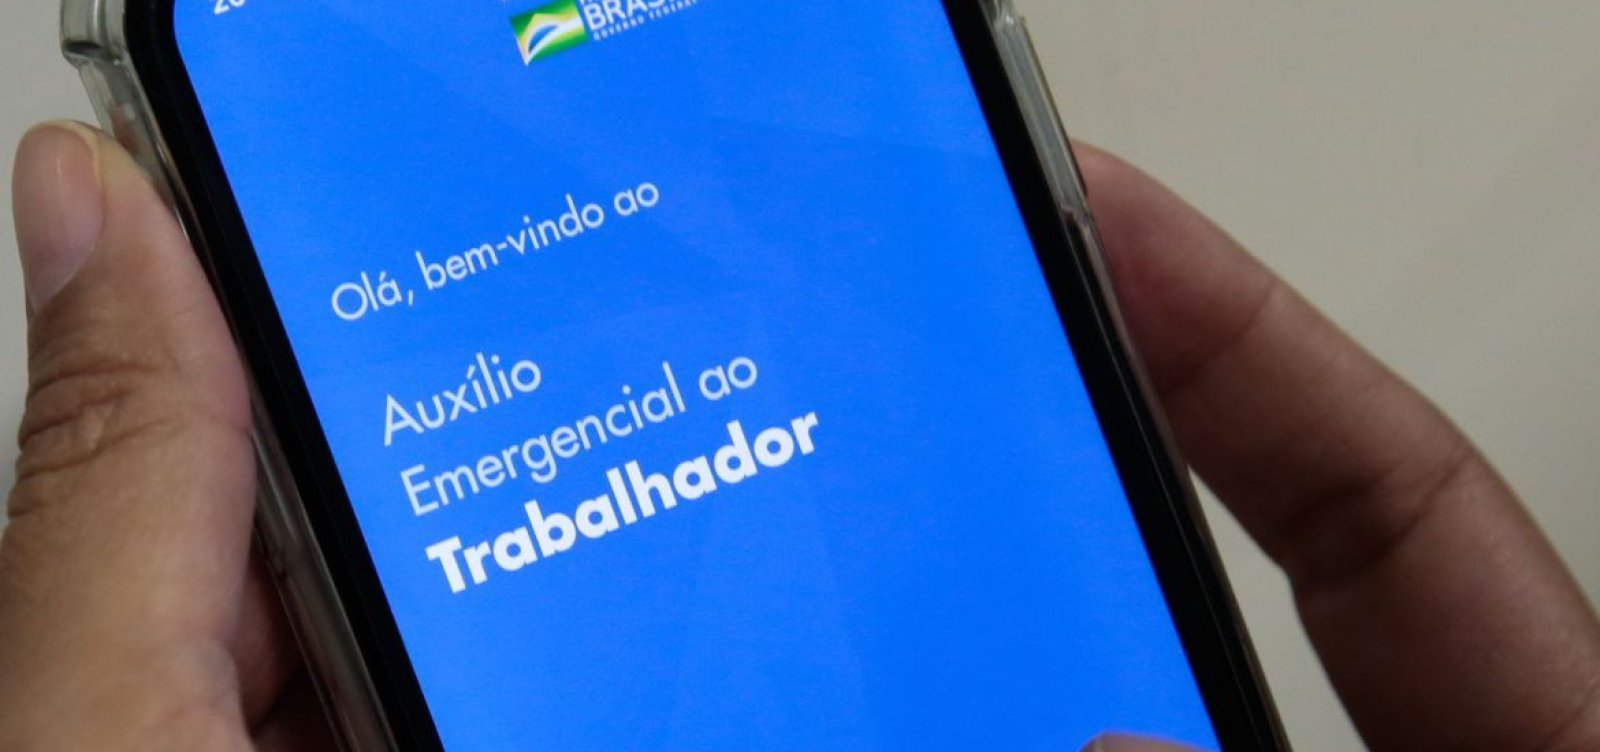 [Sem auxílio emergencial, 7 milhões de brasileiros cairiam na pobreza]